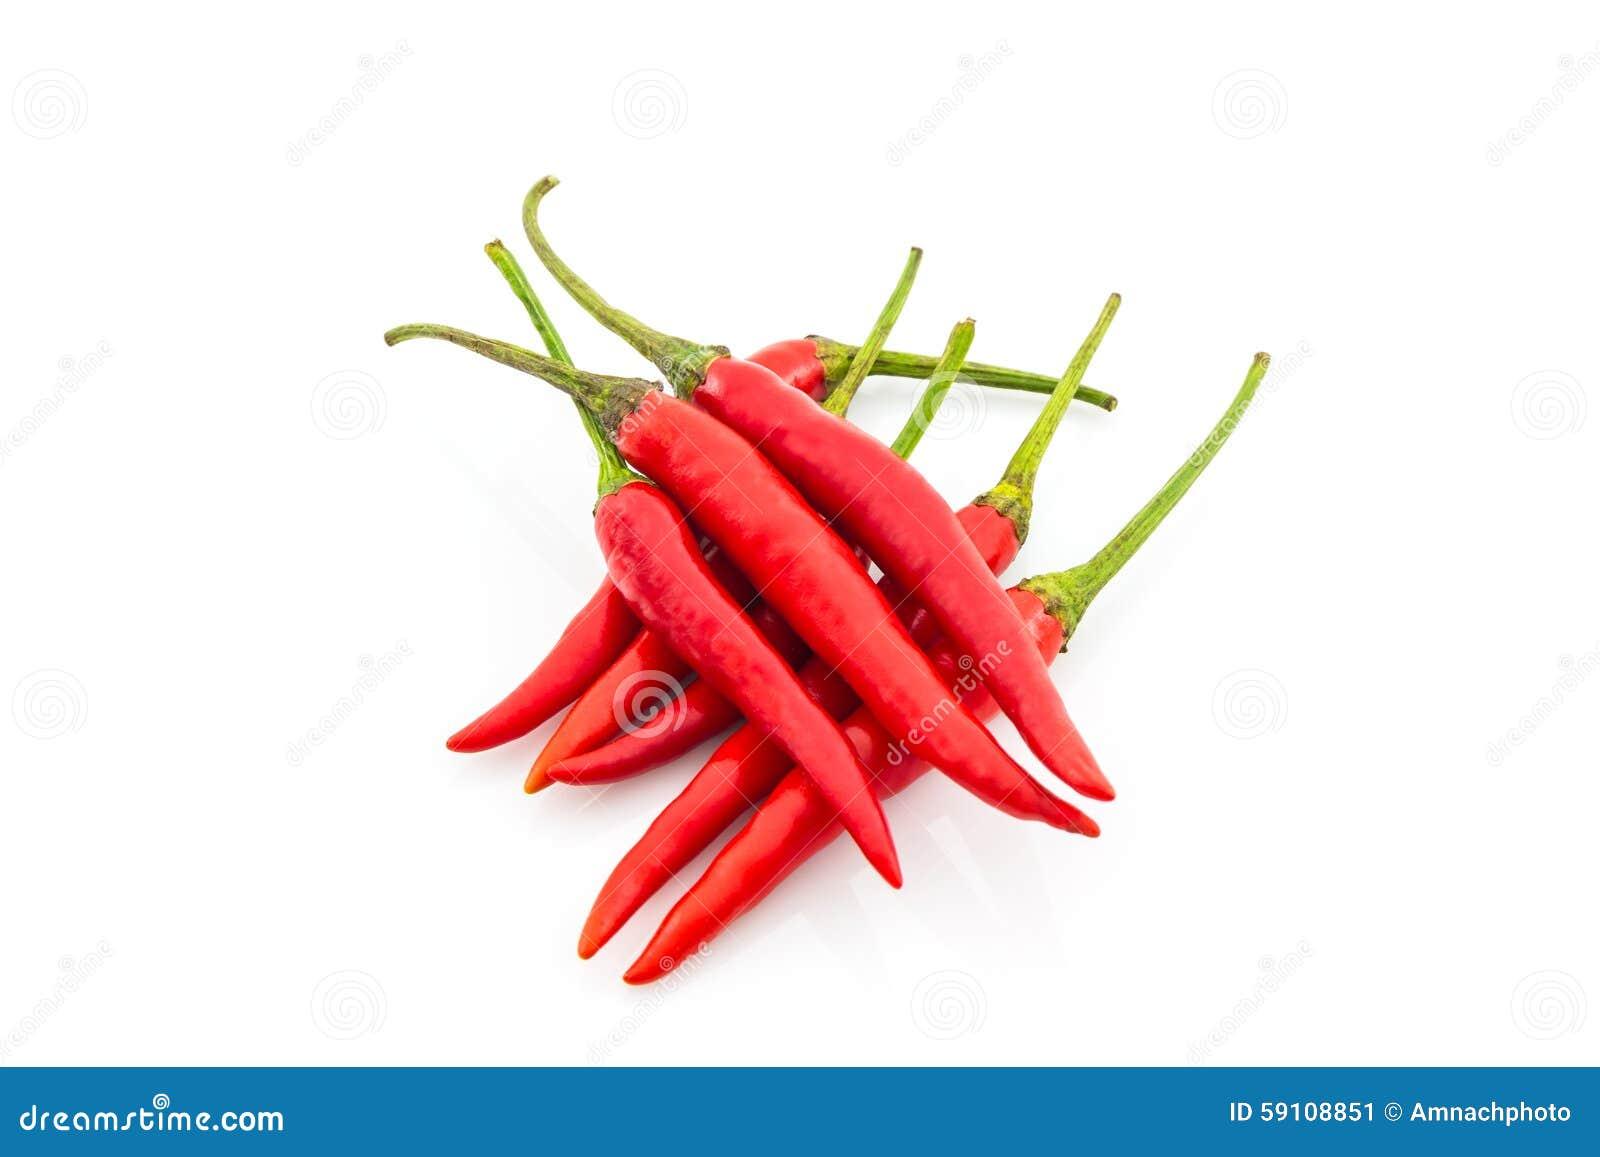 红色辣椒或辣椒